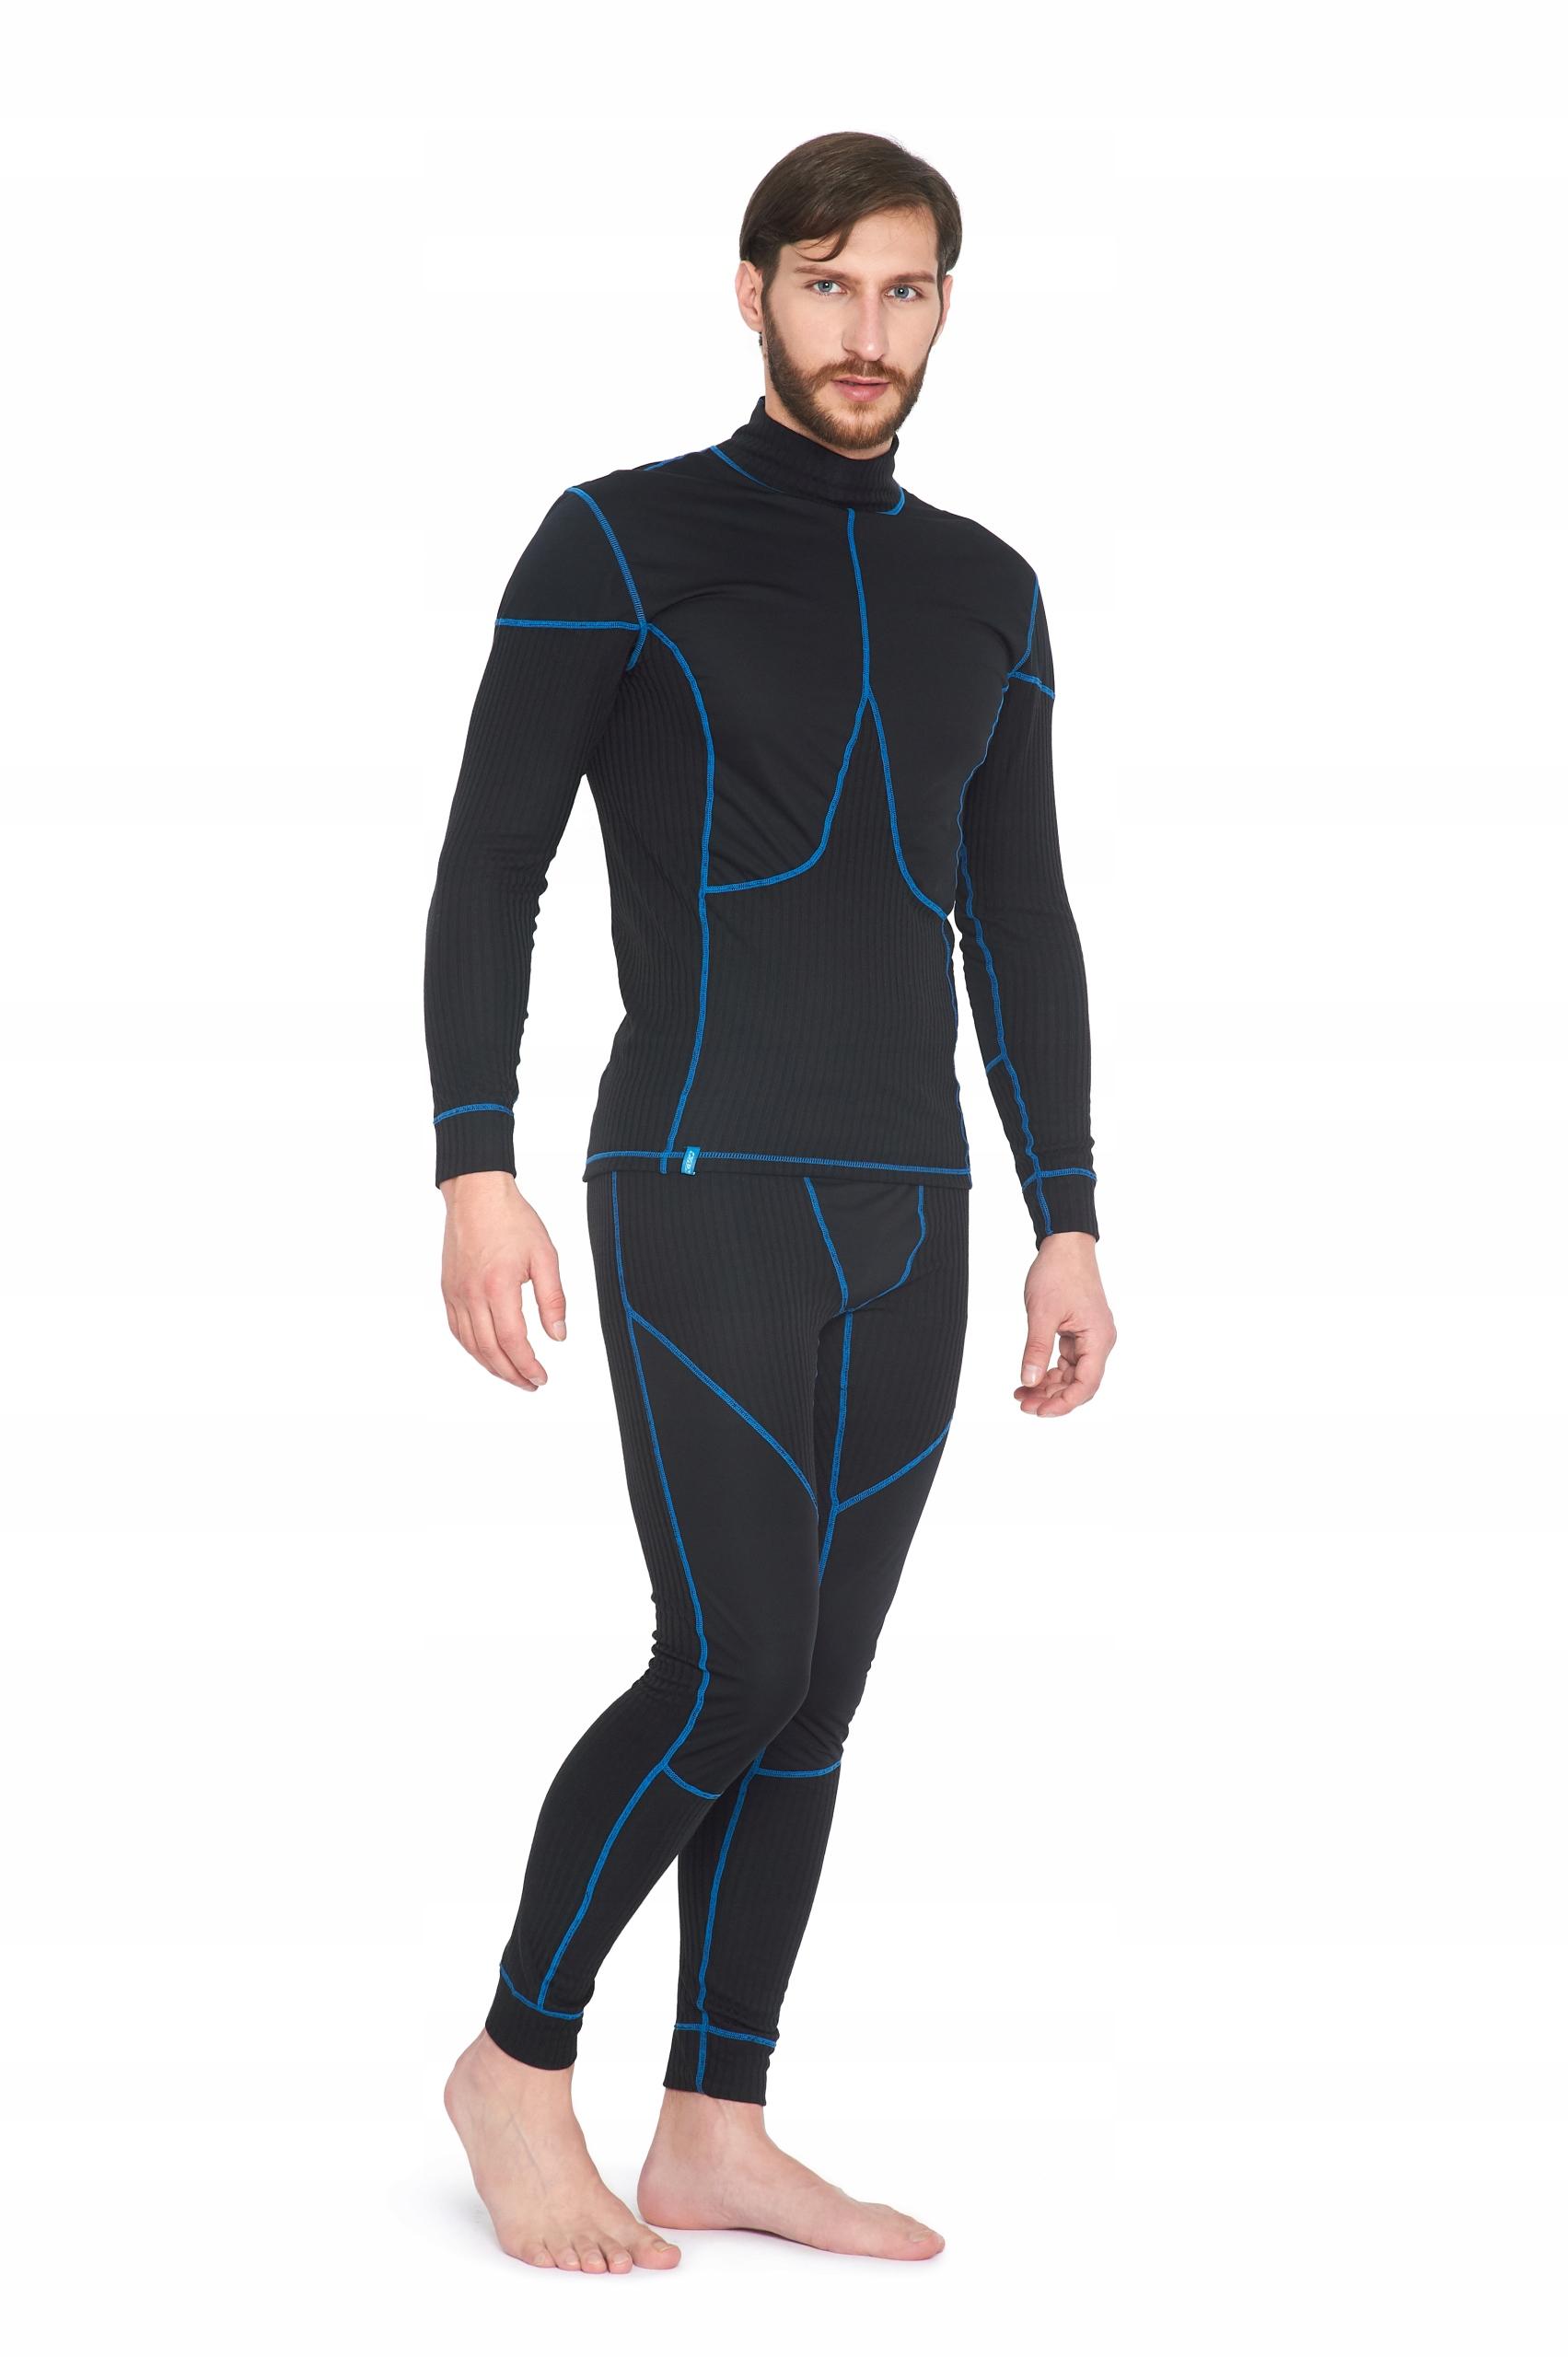 Pánske spodné prádlo KV + JULIER top (ochrana proti vetru) veľkosť M